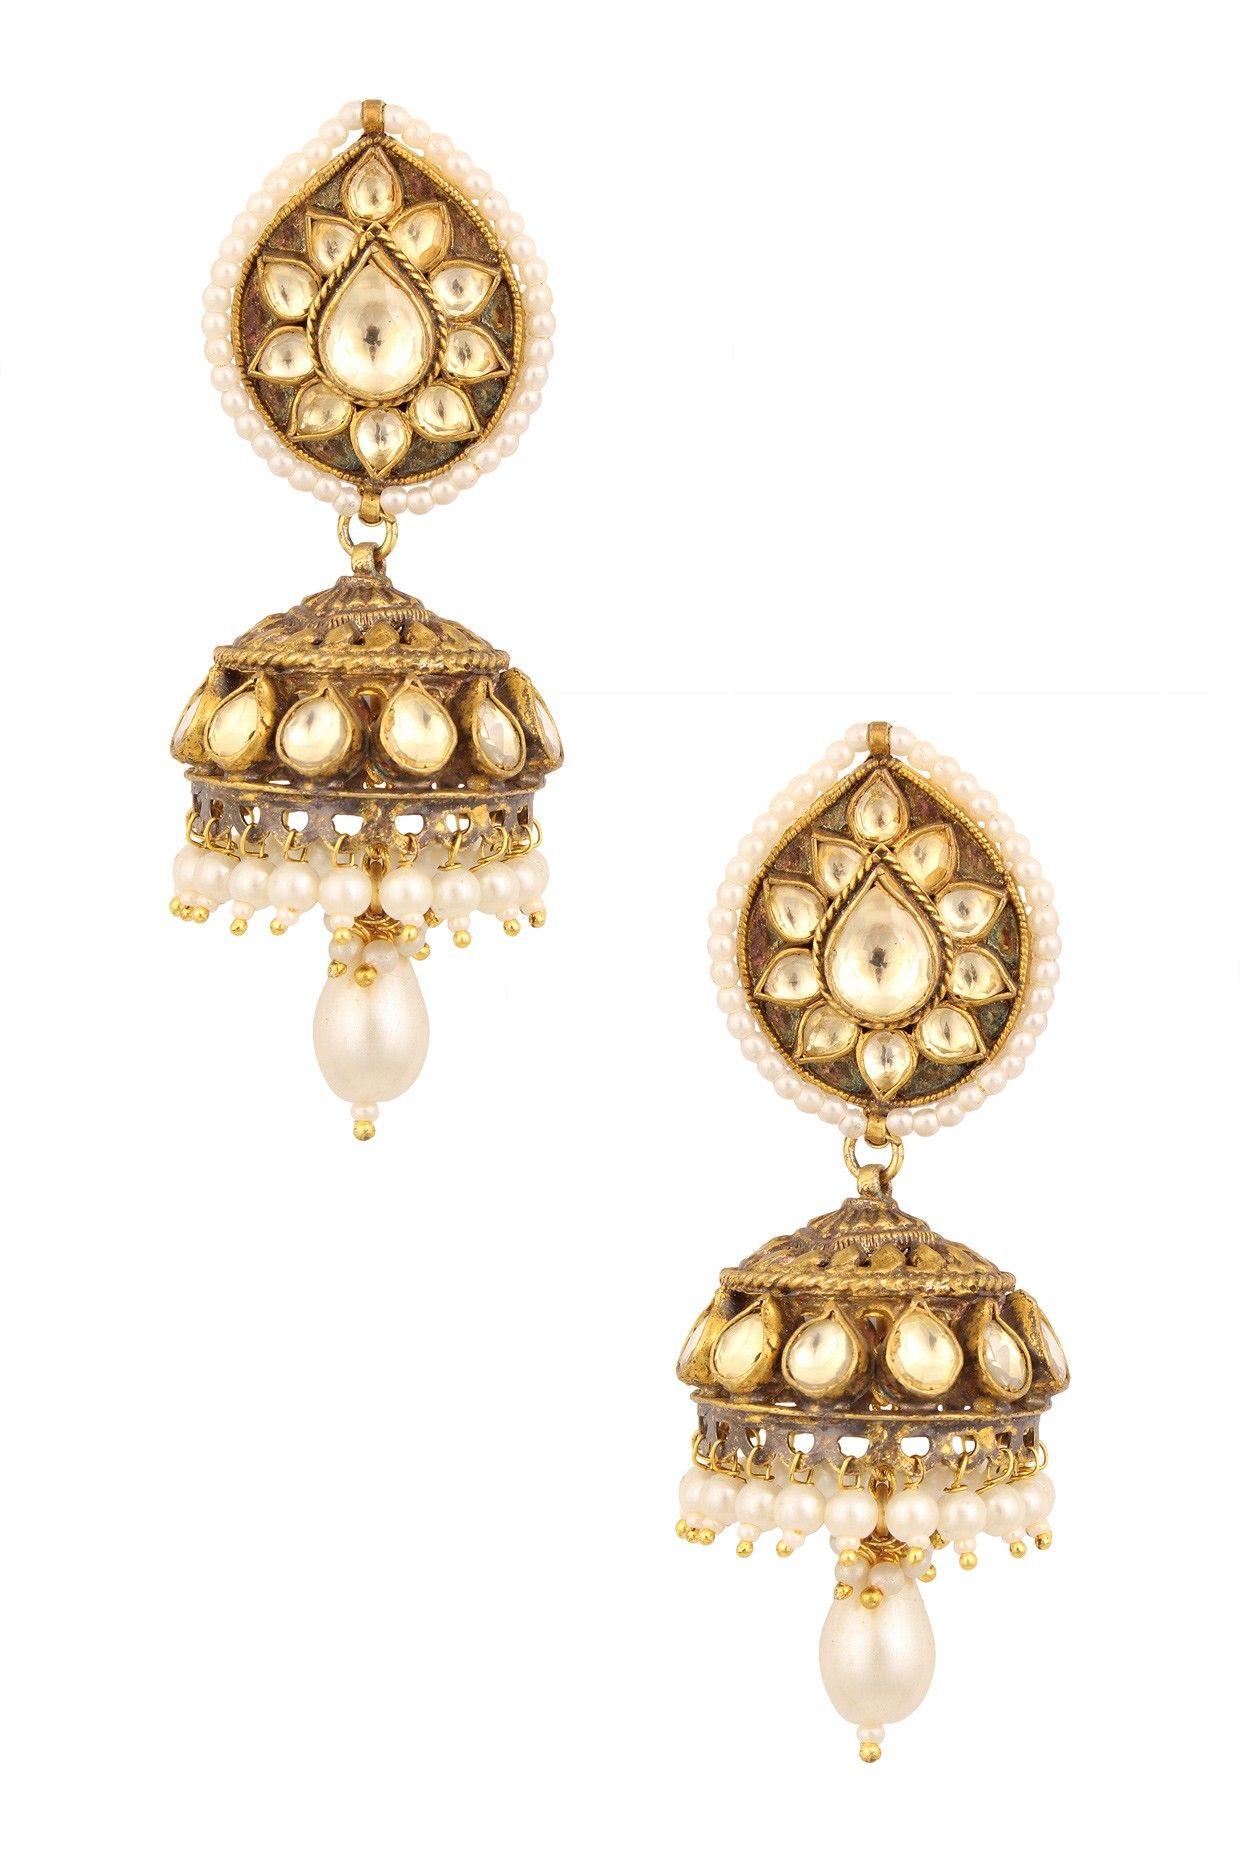 Johara jewels presents Jadau elaborated jhumkis available on at